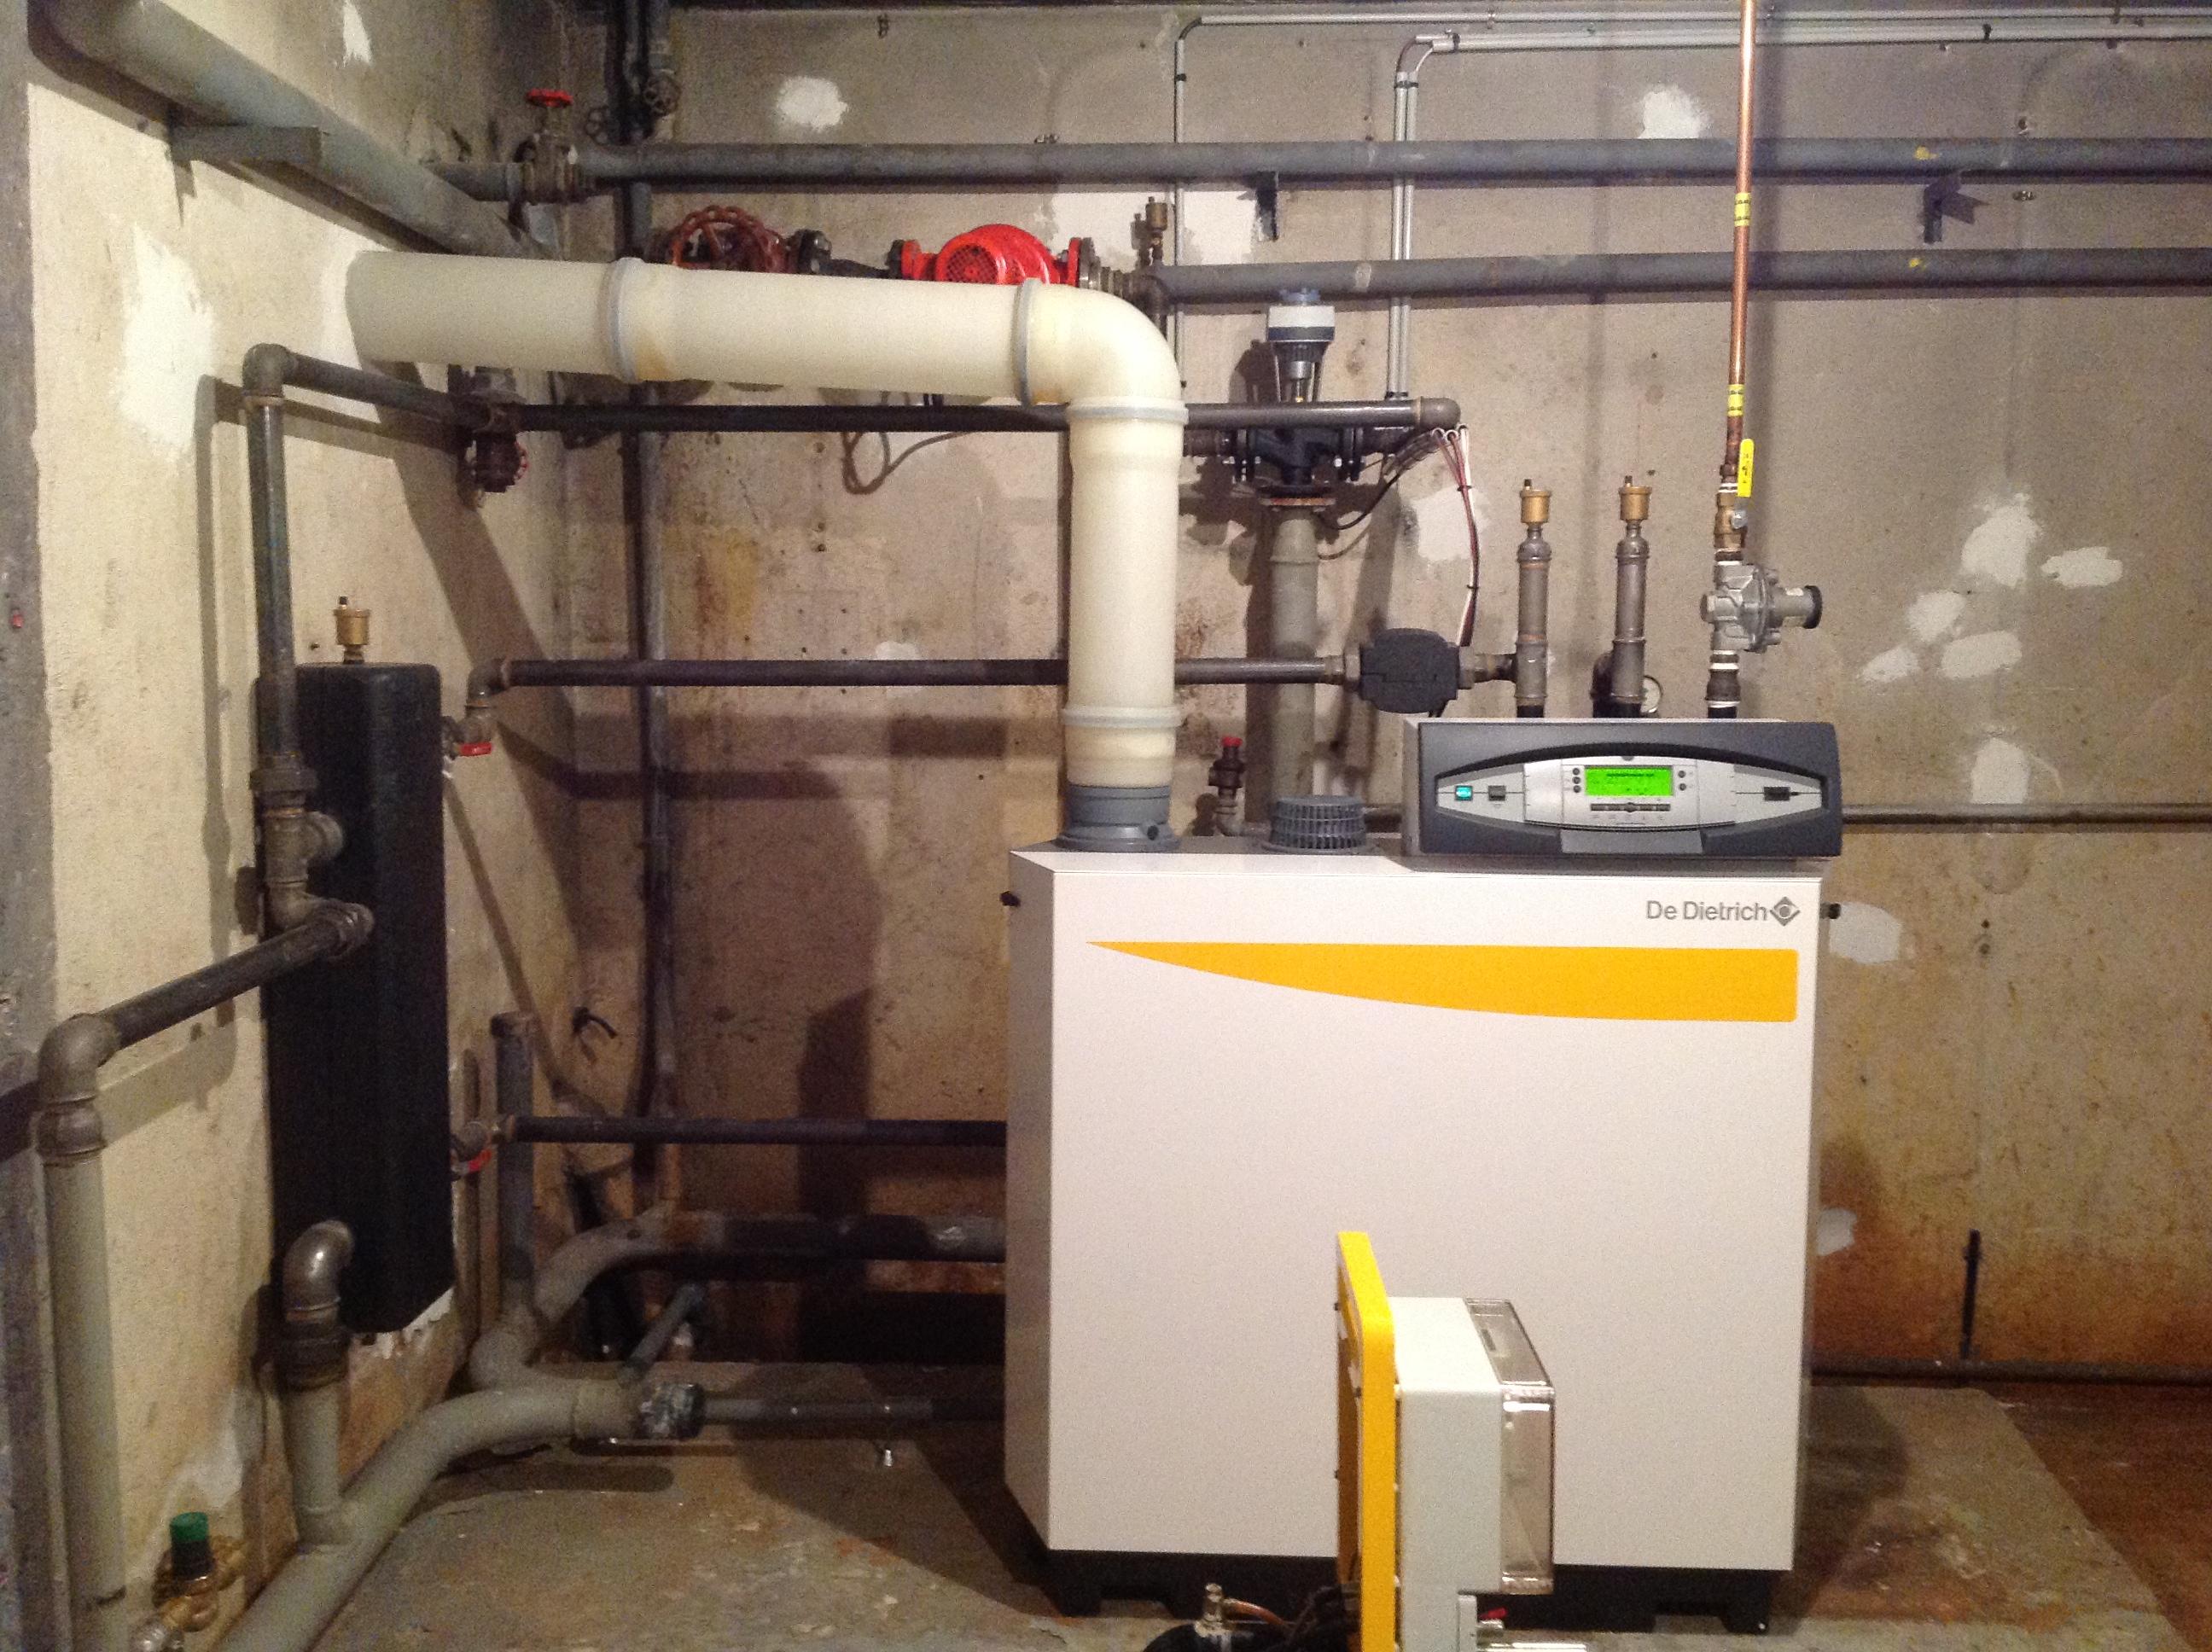 Chaudi re gaz condensation les conseils pour bien choisir - Chaudiere a gaz a condensation ...